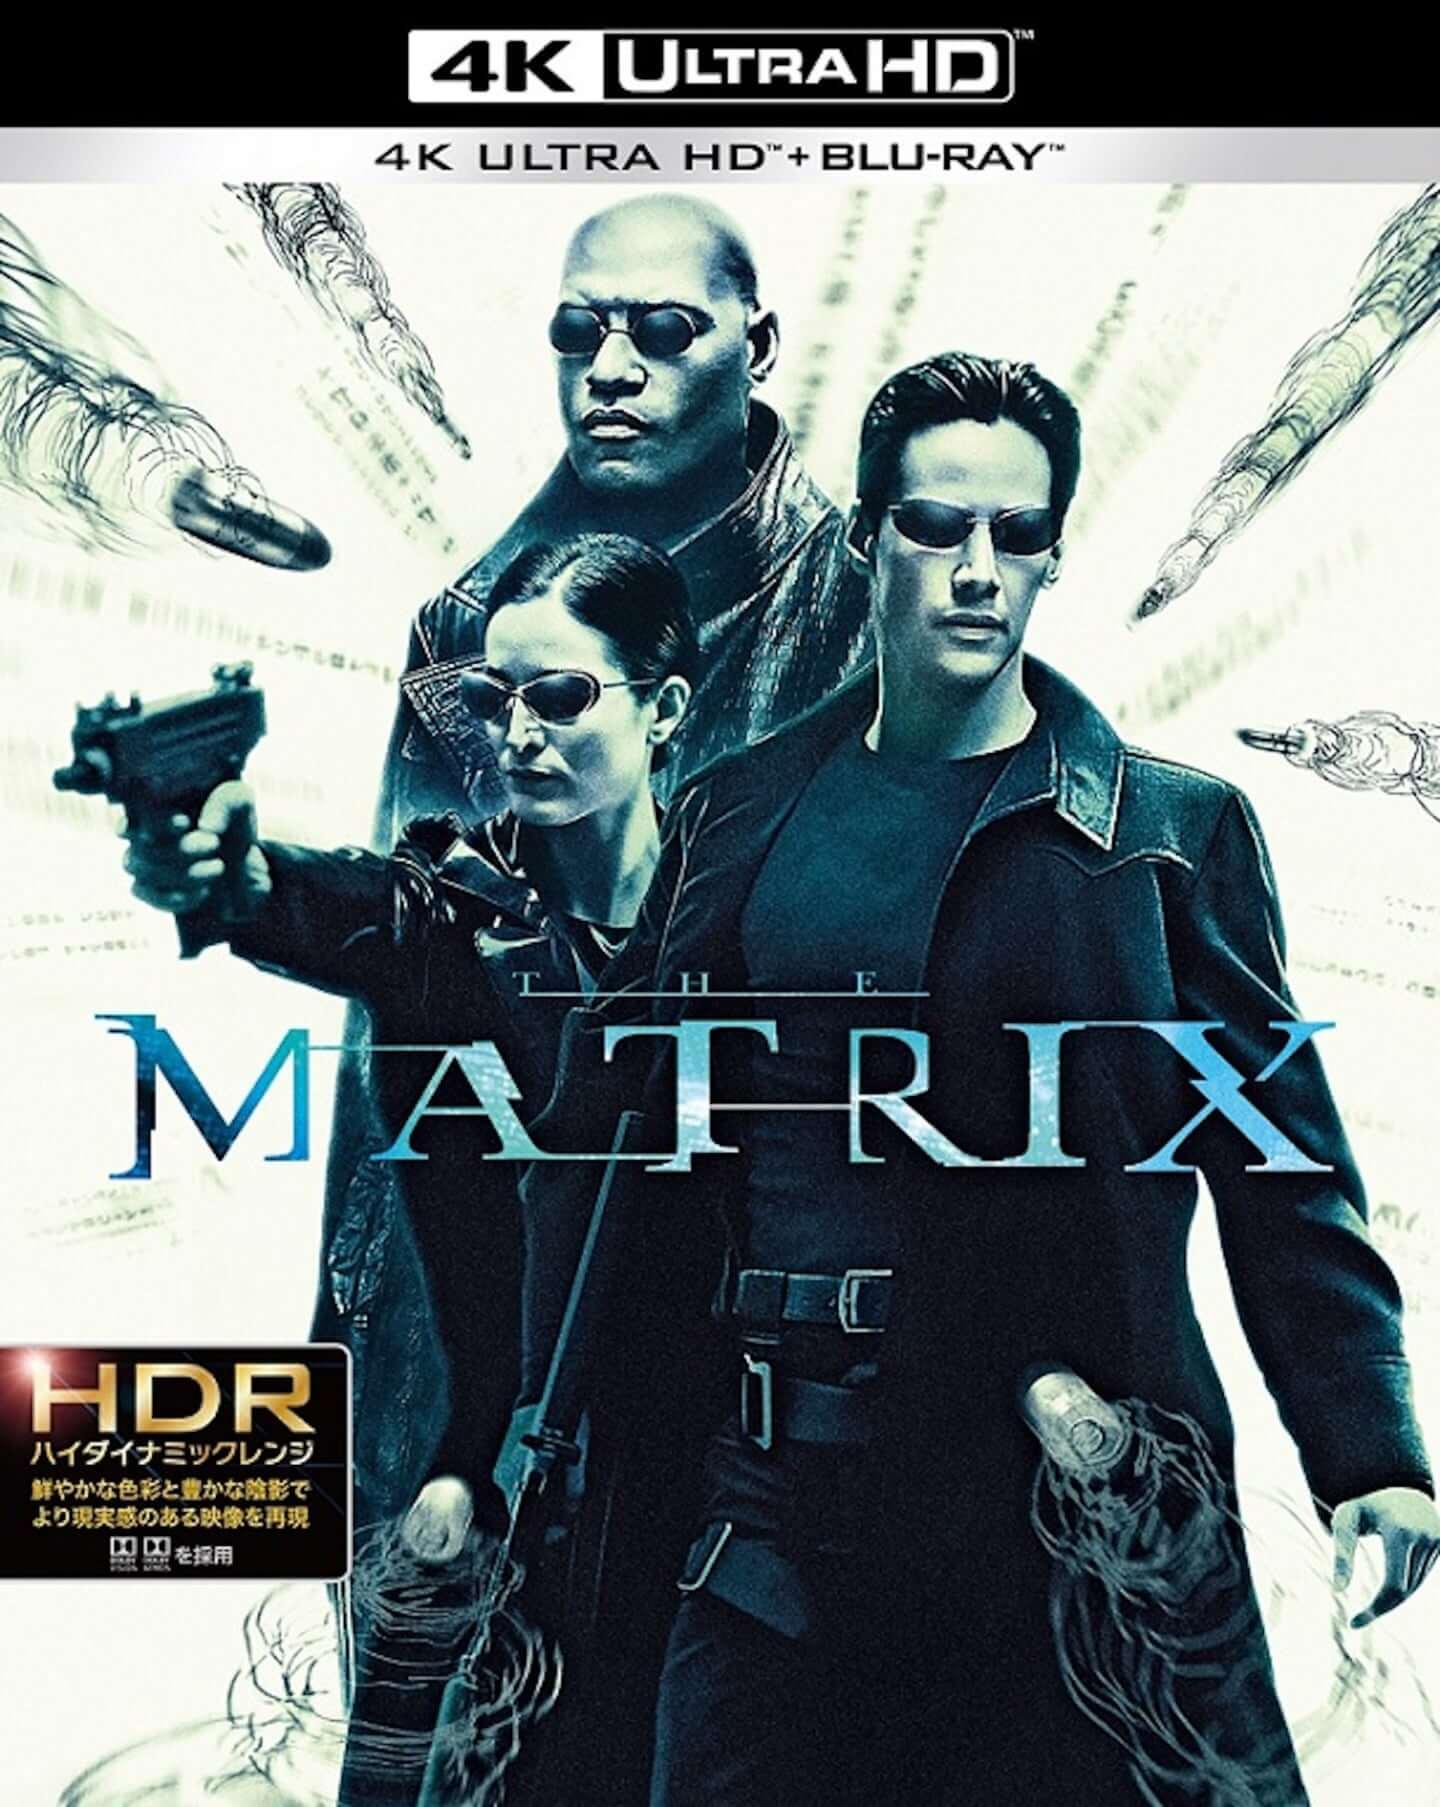 【速報】『マトリックス4』製作決定!主役ネオを演じるのはもちろんキアヌ・リーヴス 4a6af9d362c3e21d8a778e8528443488-1440x1807